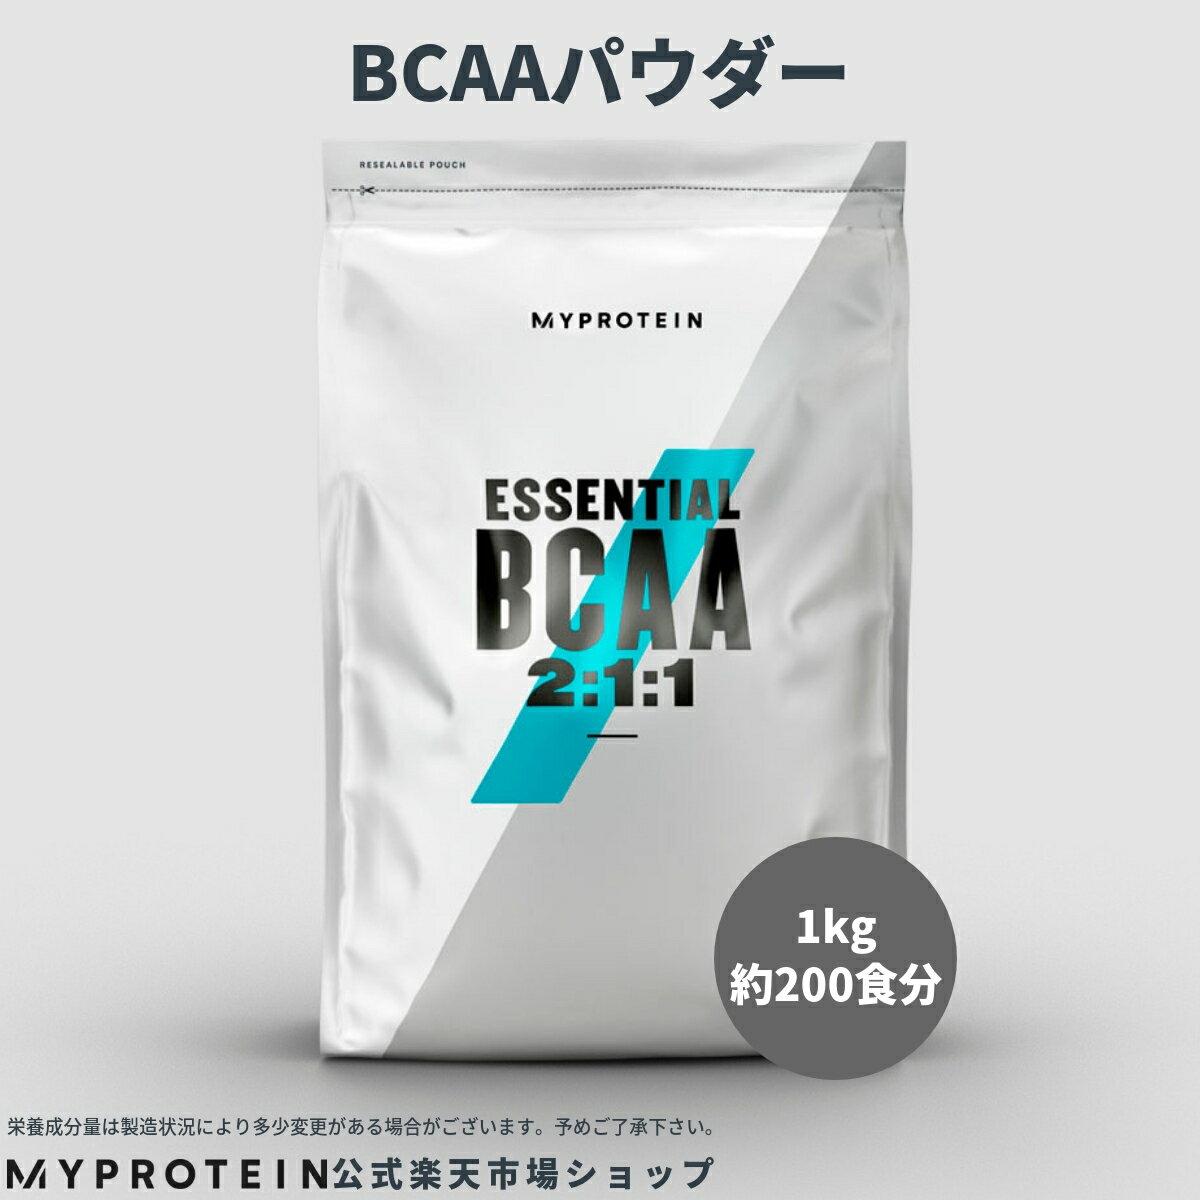 【最大1000円OFFクーポン対象商品】マイプロテイン 公式 【MyProtein】 BCAA 2:1:1 (分岐鎖アミノ酸) 1kg 約200食分| パウダー サプリメント サプリ パウダー EAA アミノ酸 バリン ロイシン【楽天海外直送】